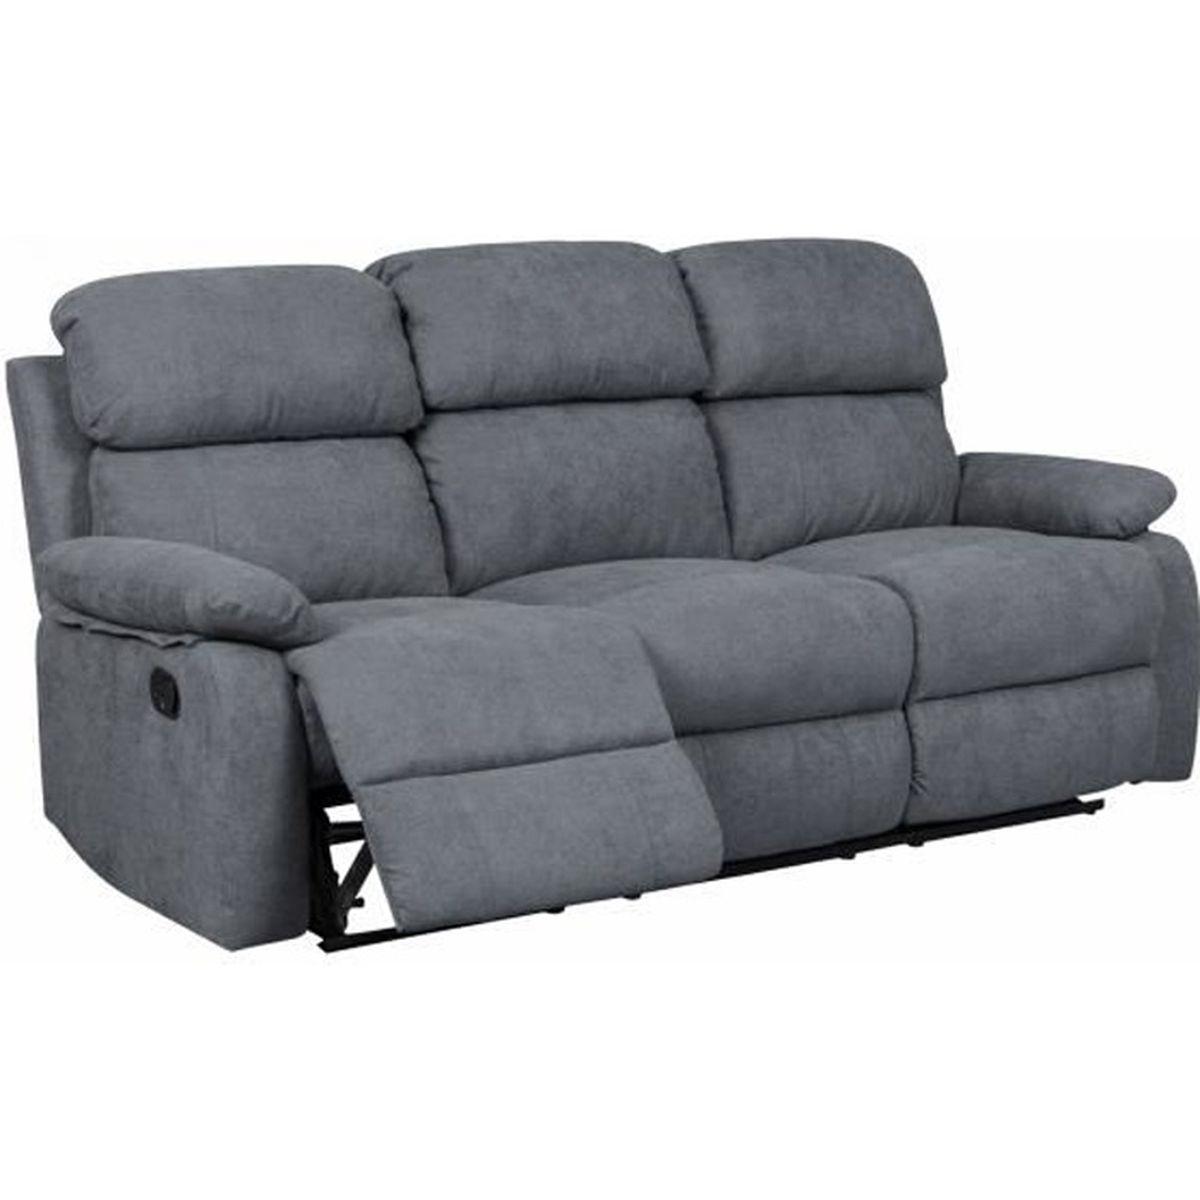 Canapé Qui S Affaisse Solution canapé relax 3 places en tissu gris foncé keaton - achat